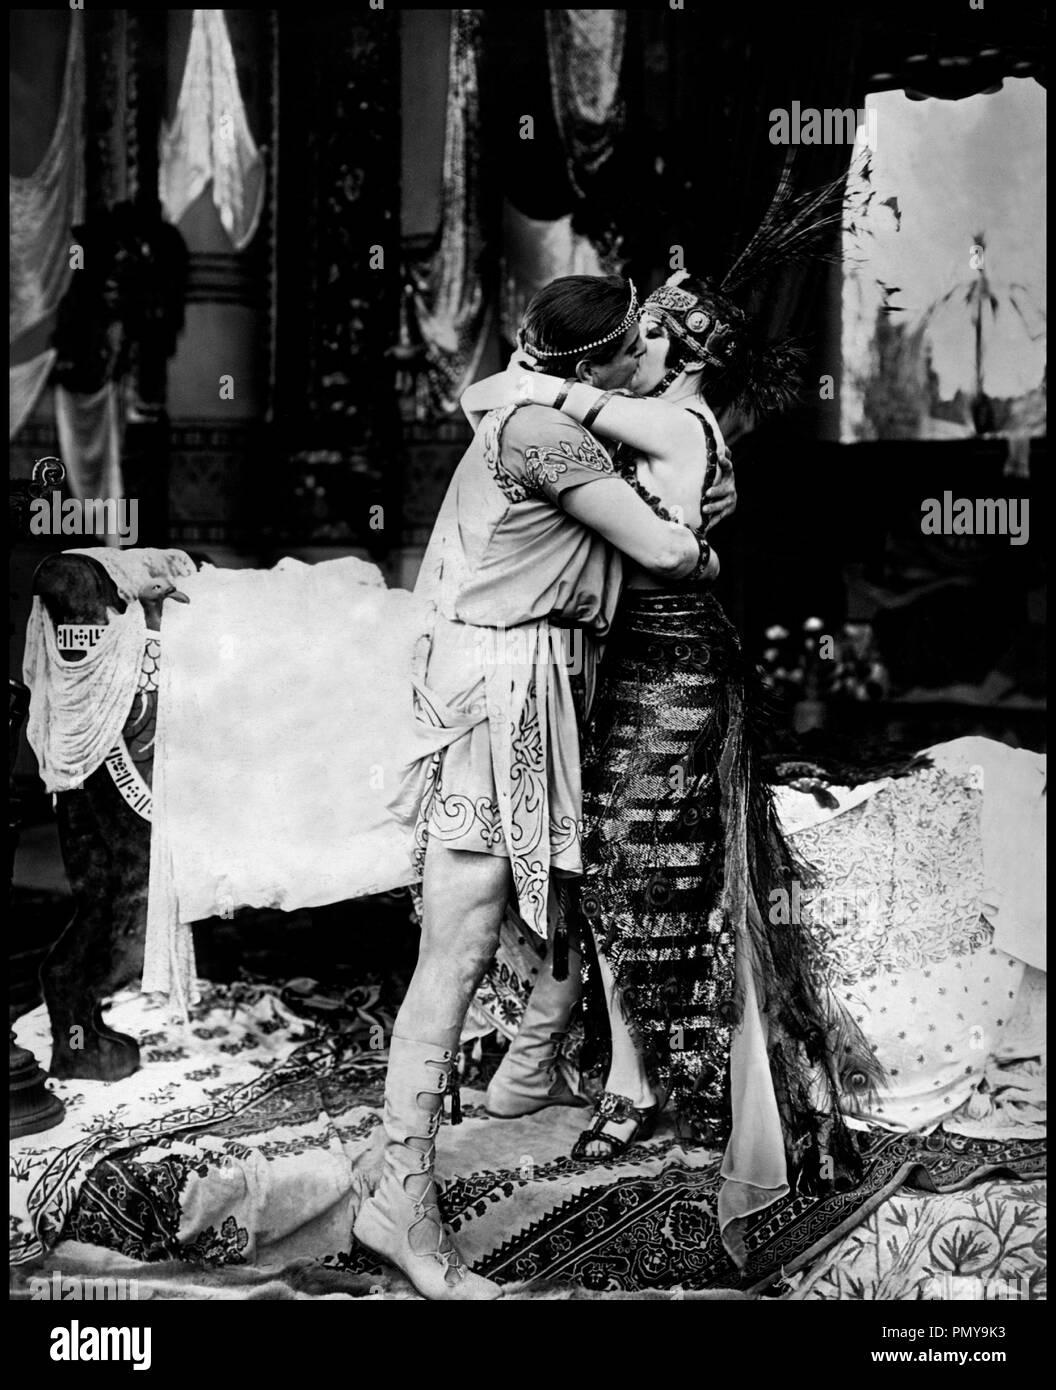 Prod DB © Fox Films / DR CLEOPATRE (CLEOPATRA) de J. Gordon Edwards 1917 USA avec Thurston Hall et Theda Bara film historique, peplum, romain, erotisme, Egypte, reine, baiser d'aprs la pice CLEOPATRE de Emile Moreau et Victorien Sardou et ANTOINE ET CLEOPATRE (ANTONY AND CLEOPATRA) de William Shakespeare Stock Photo